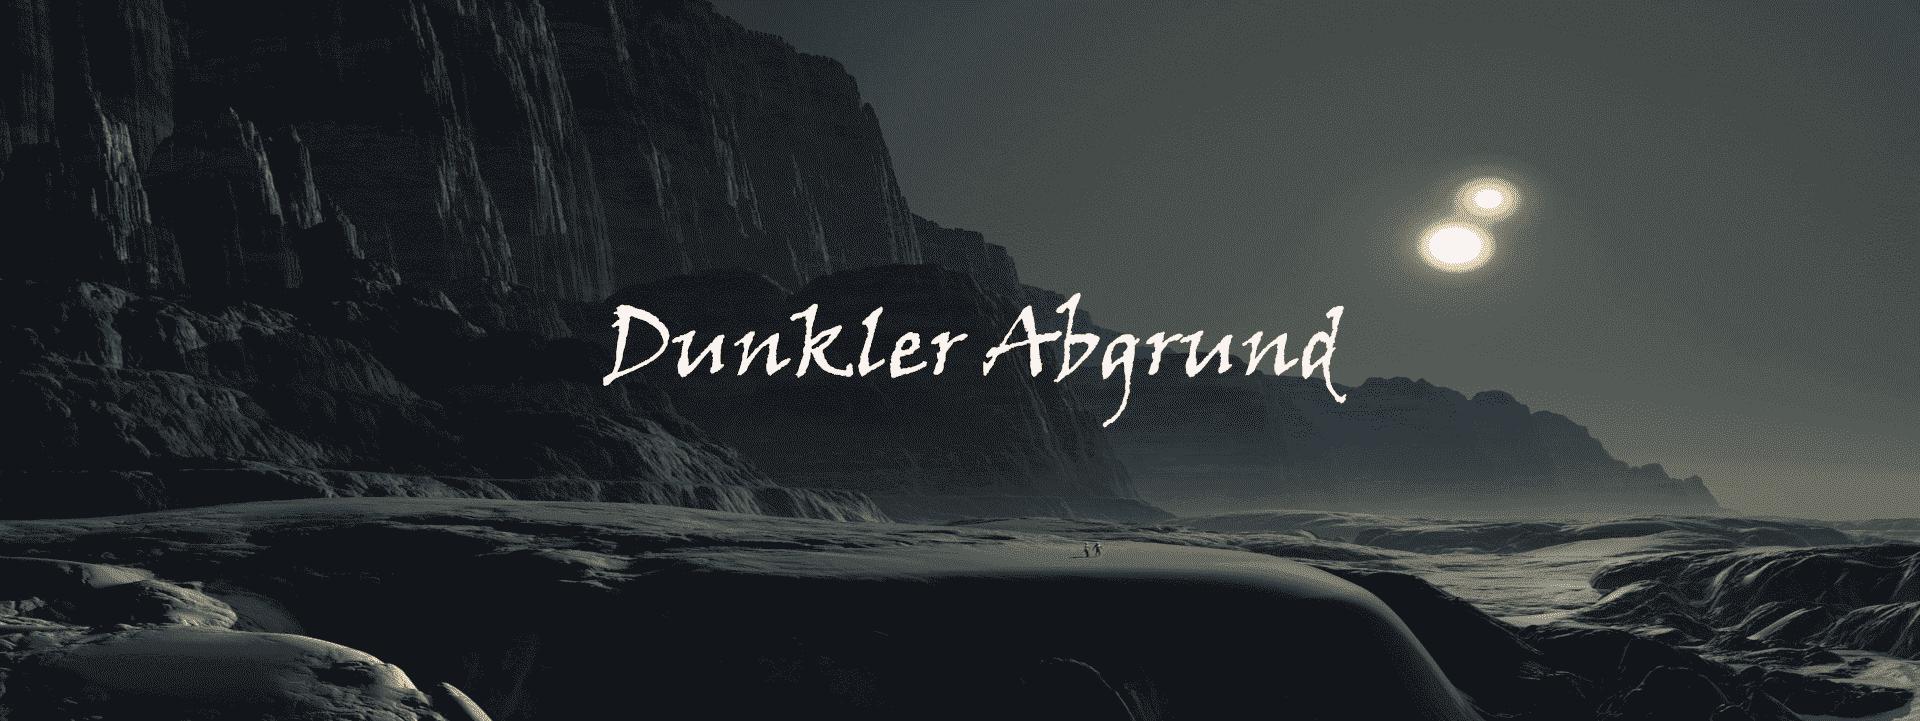 Banner Dunkler Abgrund